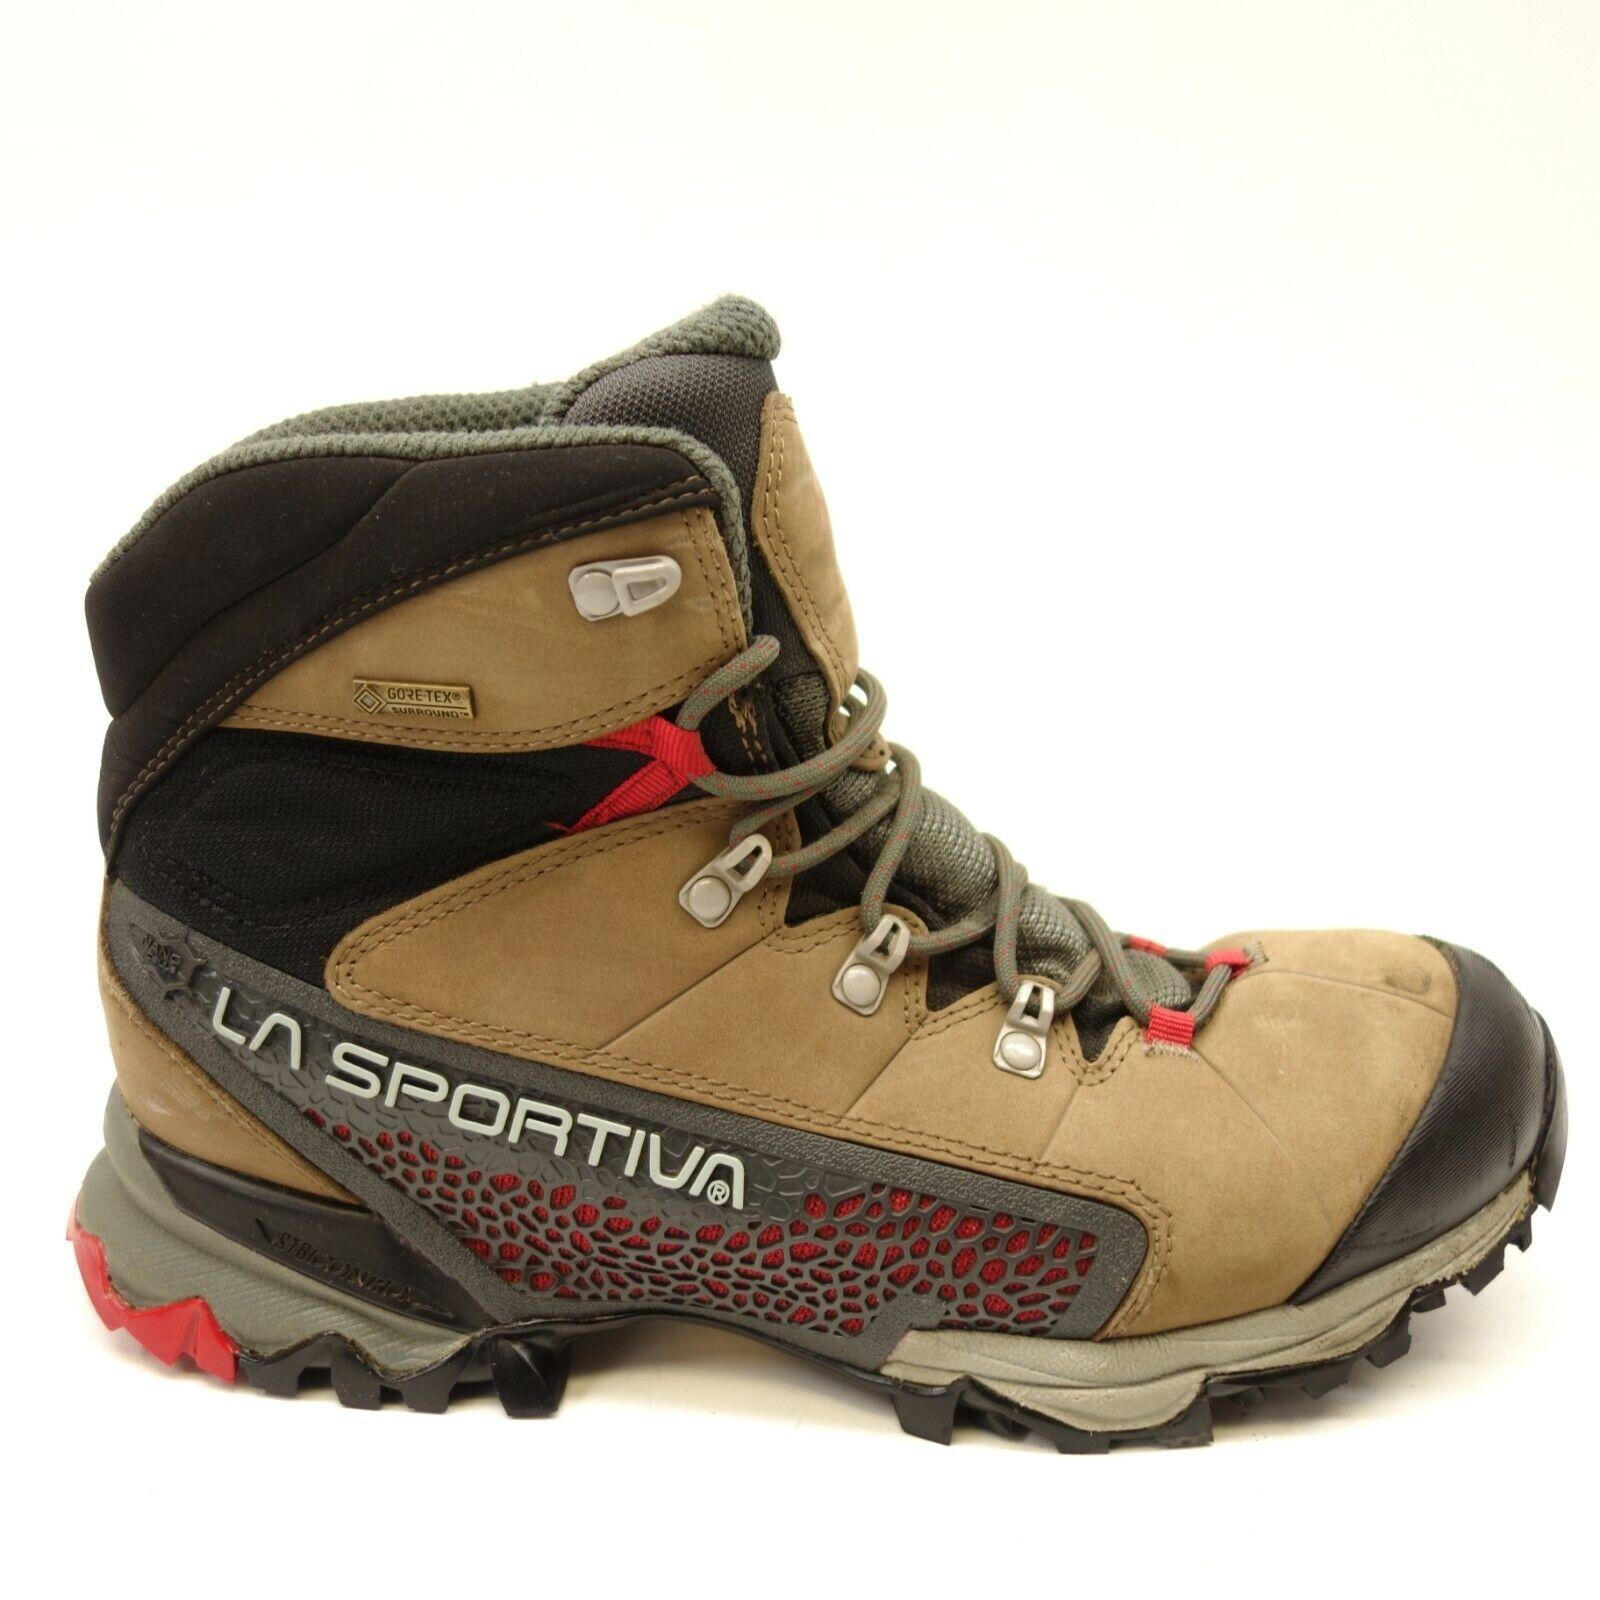 negozio fa acquisti e vendite La La La Sportiva donna Marrone Nucleo High GT Waterproof Hiking stivali Sz US 9.5 EU 41  negozio online